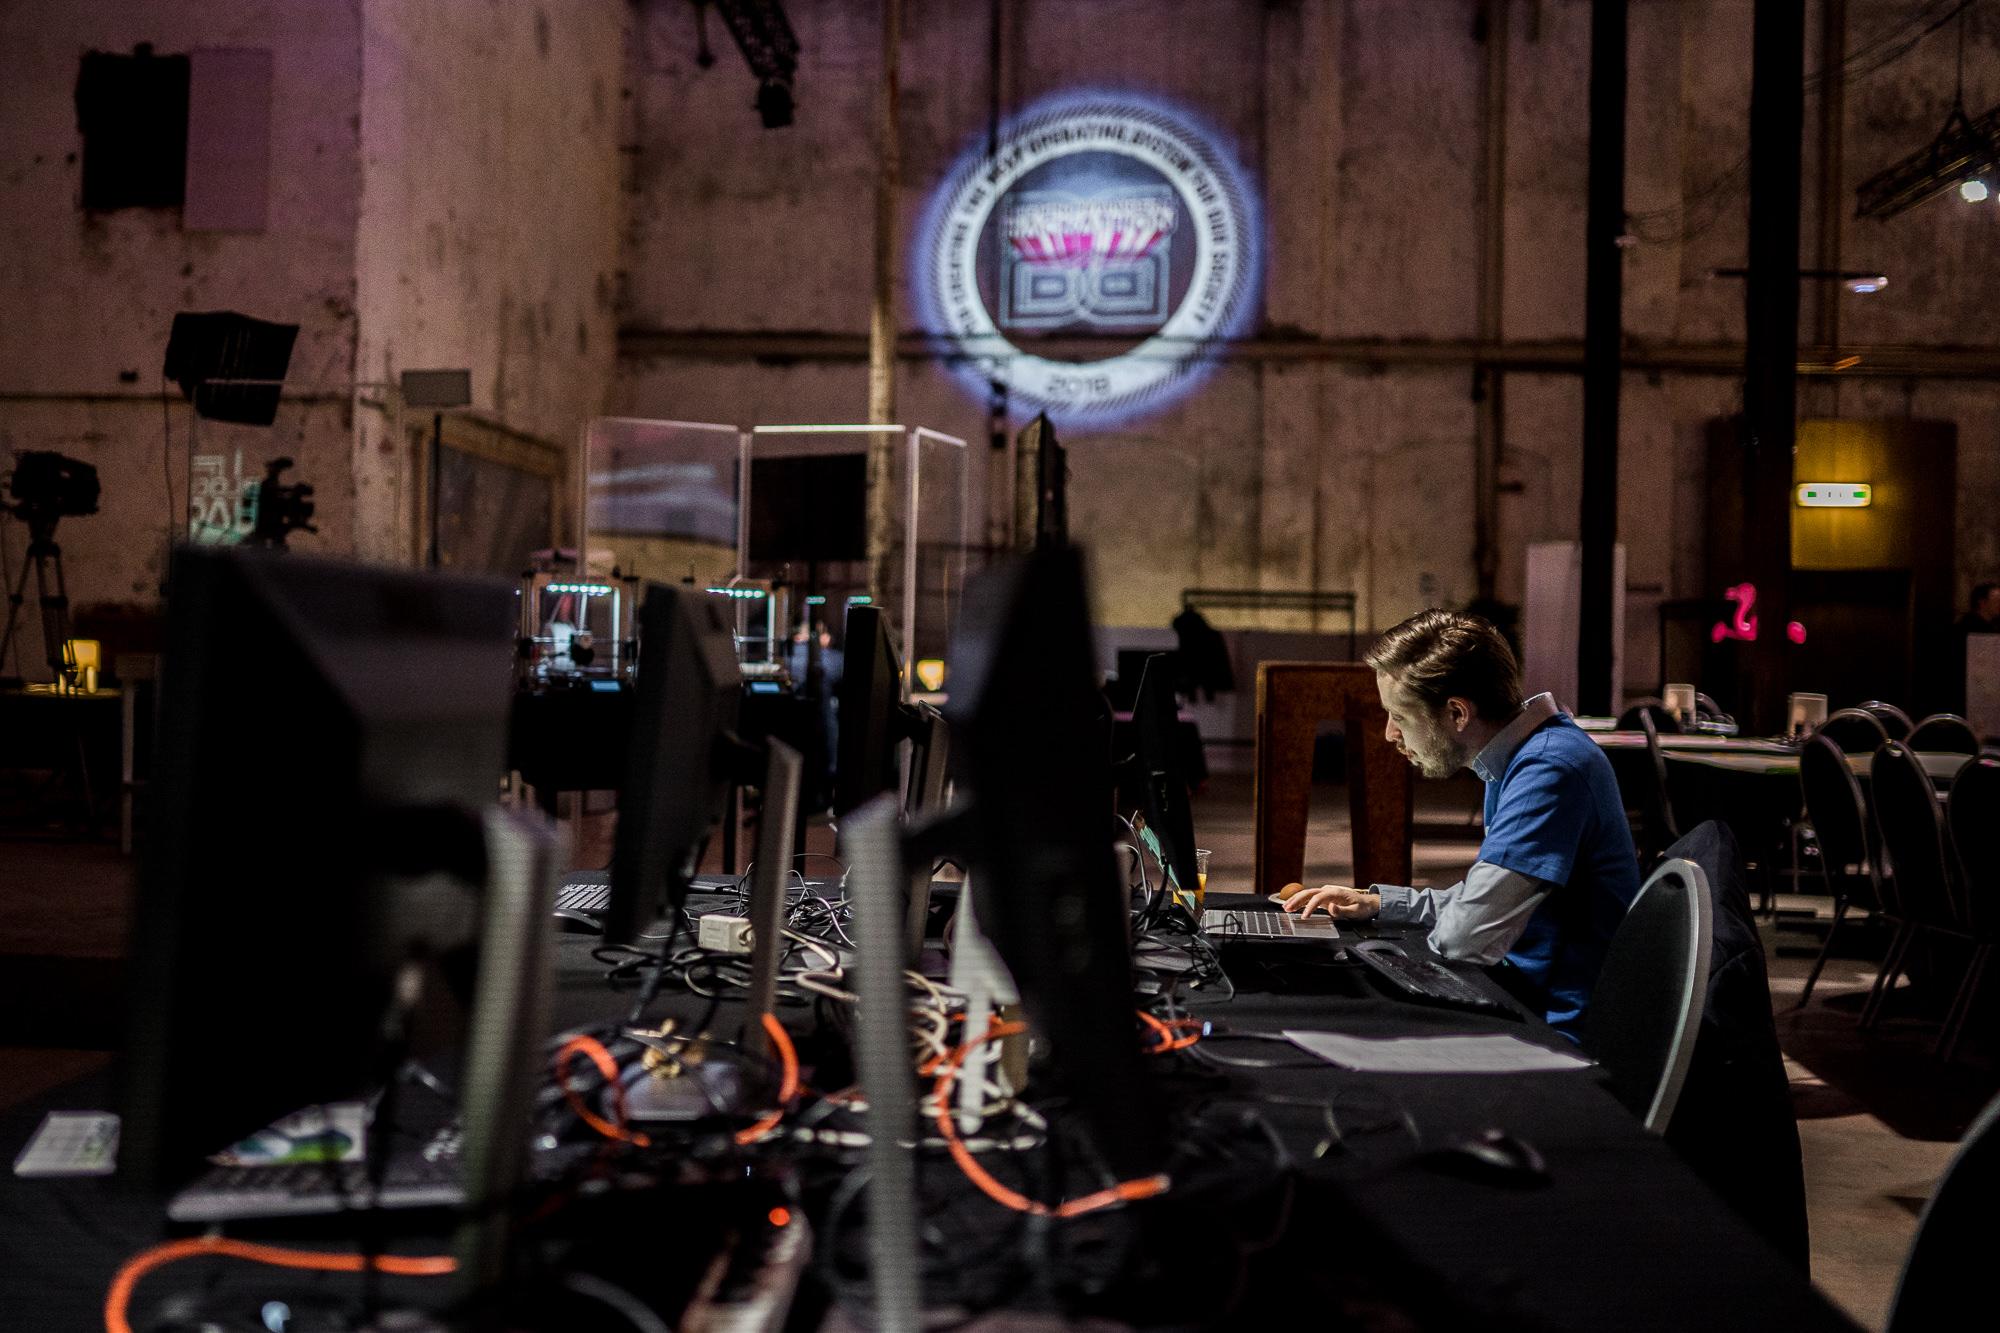 Technologische Ontwikkelingen Koelkasten : Invloed technologie op samenleving: ontwikkelingen nederland & nadelen